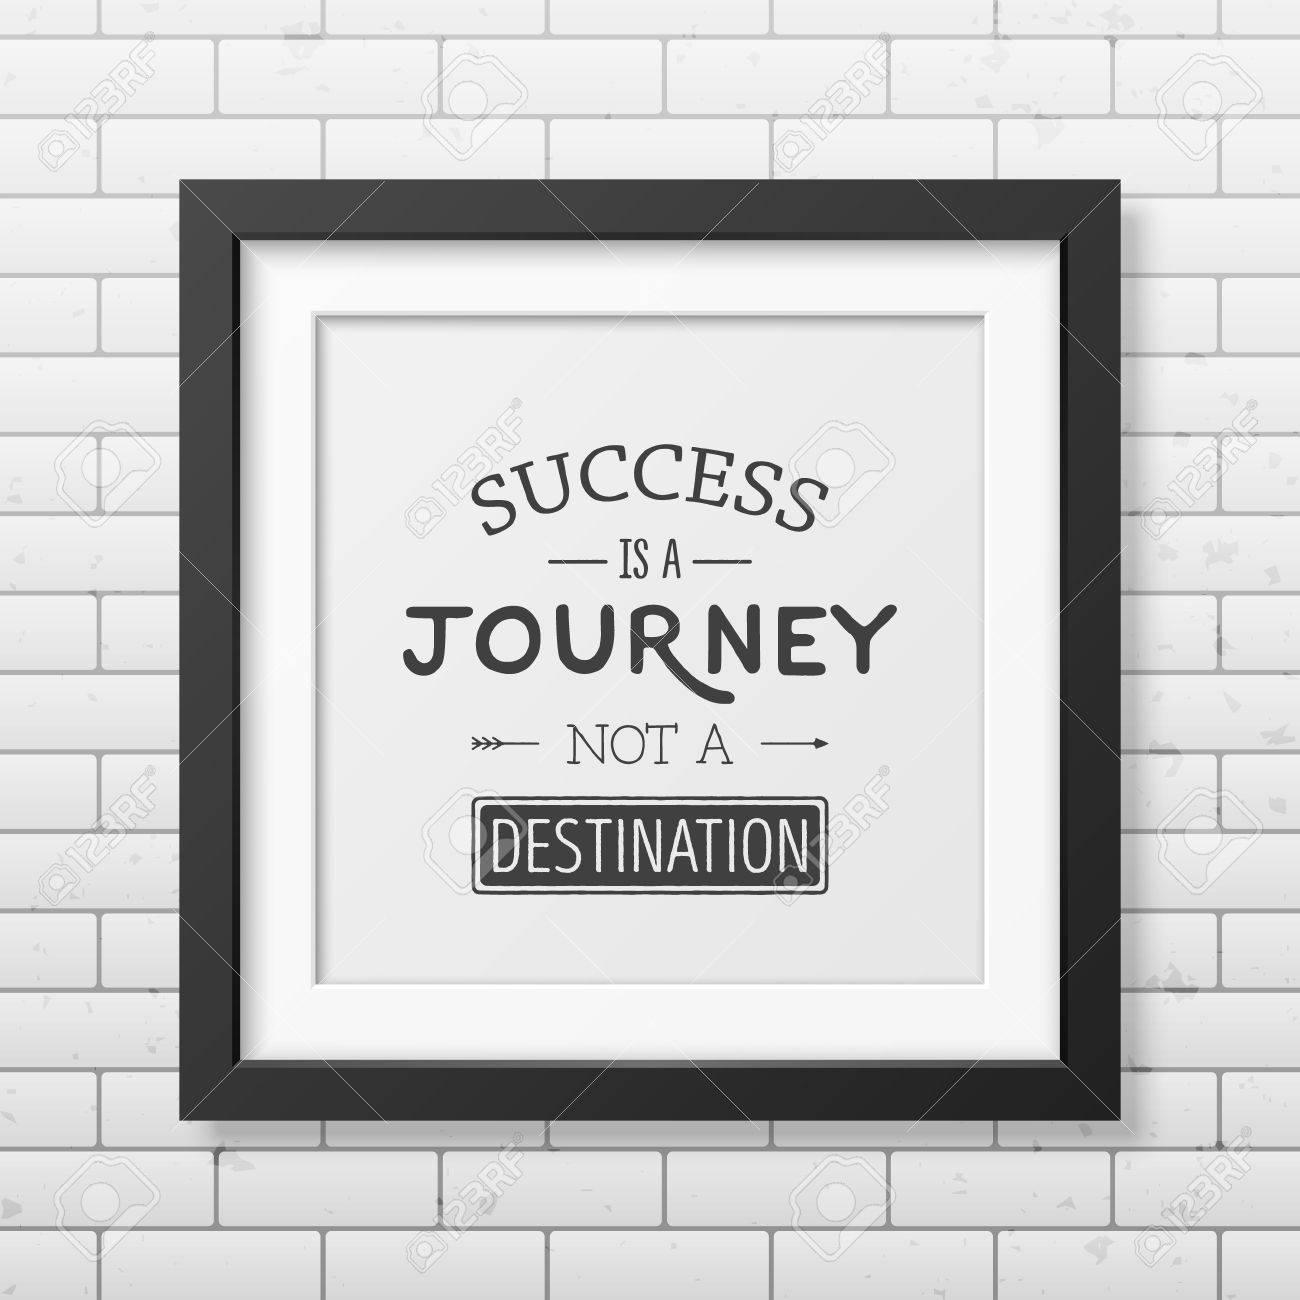 El éxito Es Un Viaje, No Un Destino - Cita Fondo Tipográfico En El ...